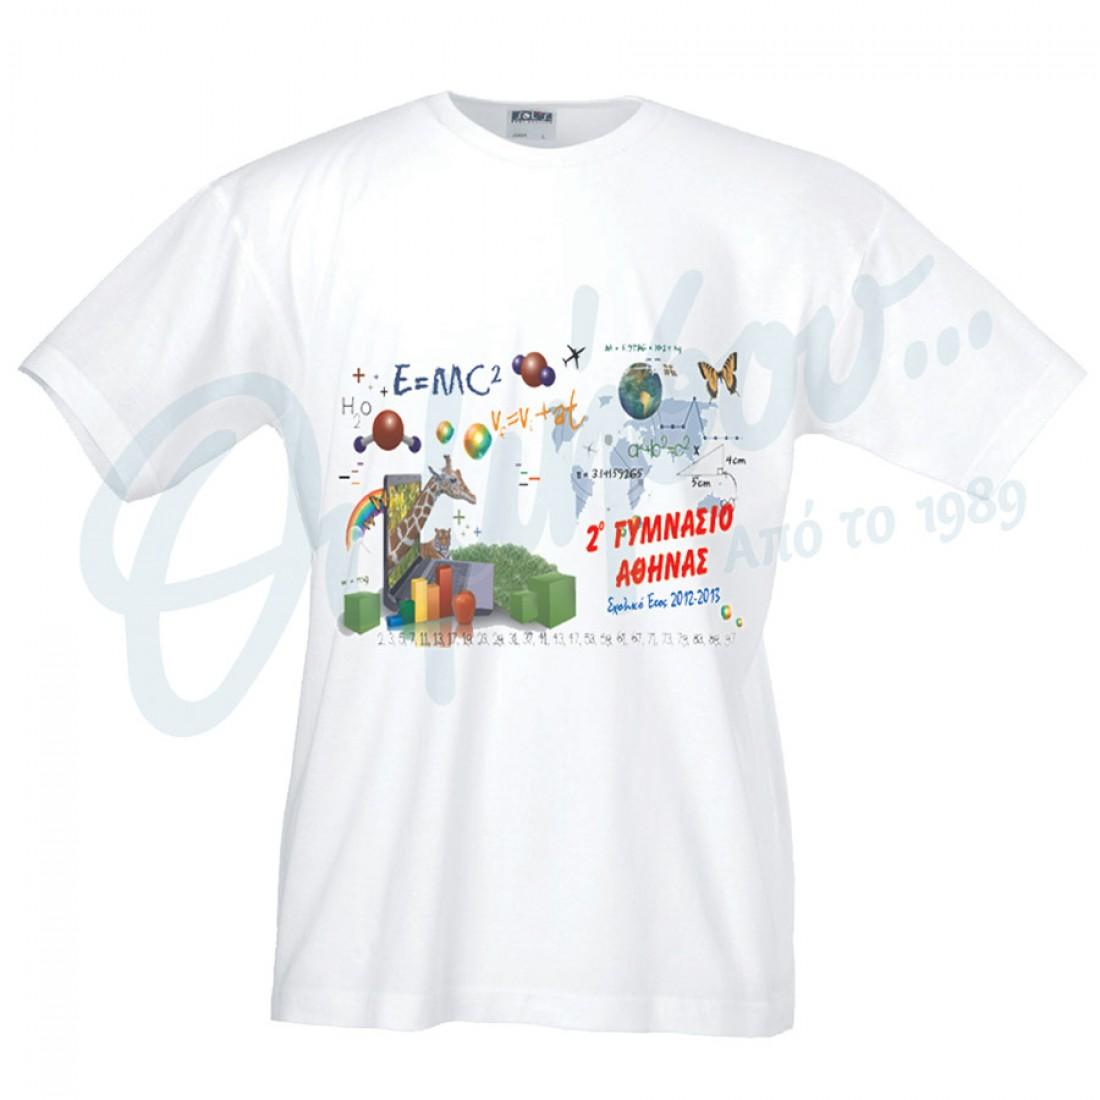 407f16010a8d Λευκά μπλουζάκια με έγχρωμη εκτύπωση μεγάλου μεγέθους TM002 thimisou.gr